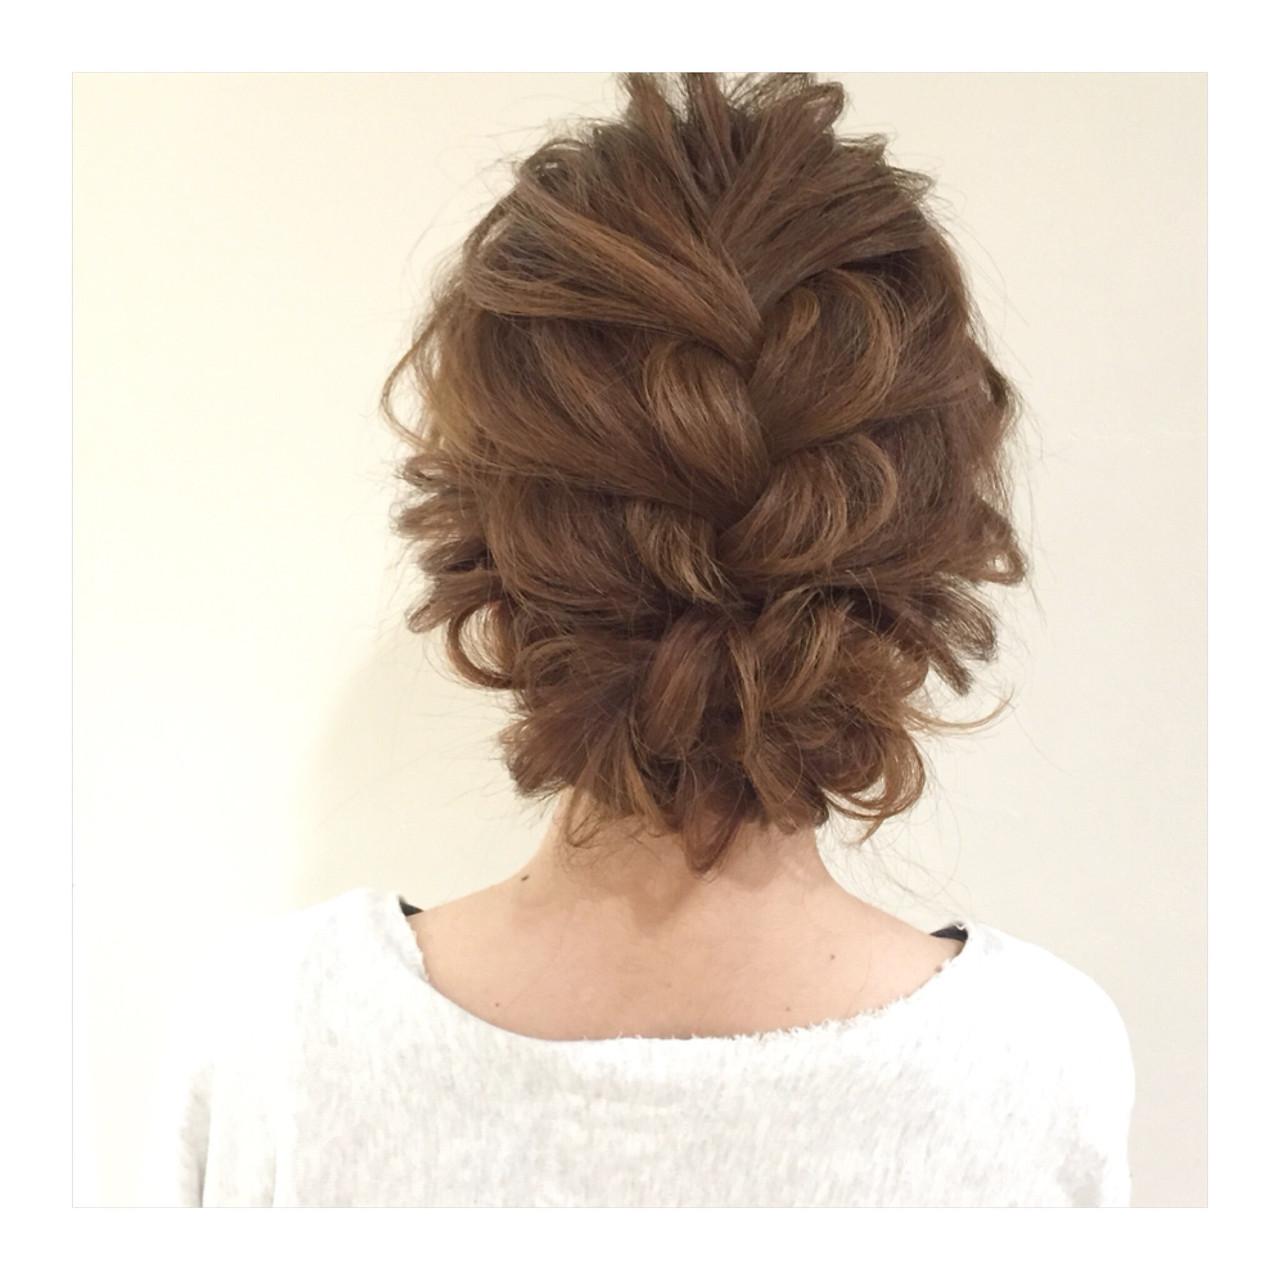 結婚式 編み込み セミロング パーティ ヘアスタイルや髪型の写真・画像